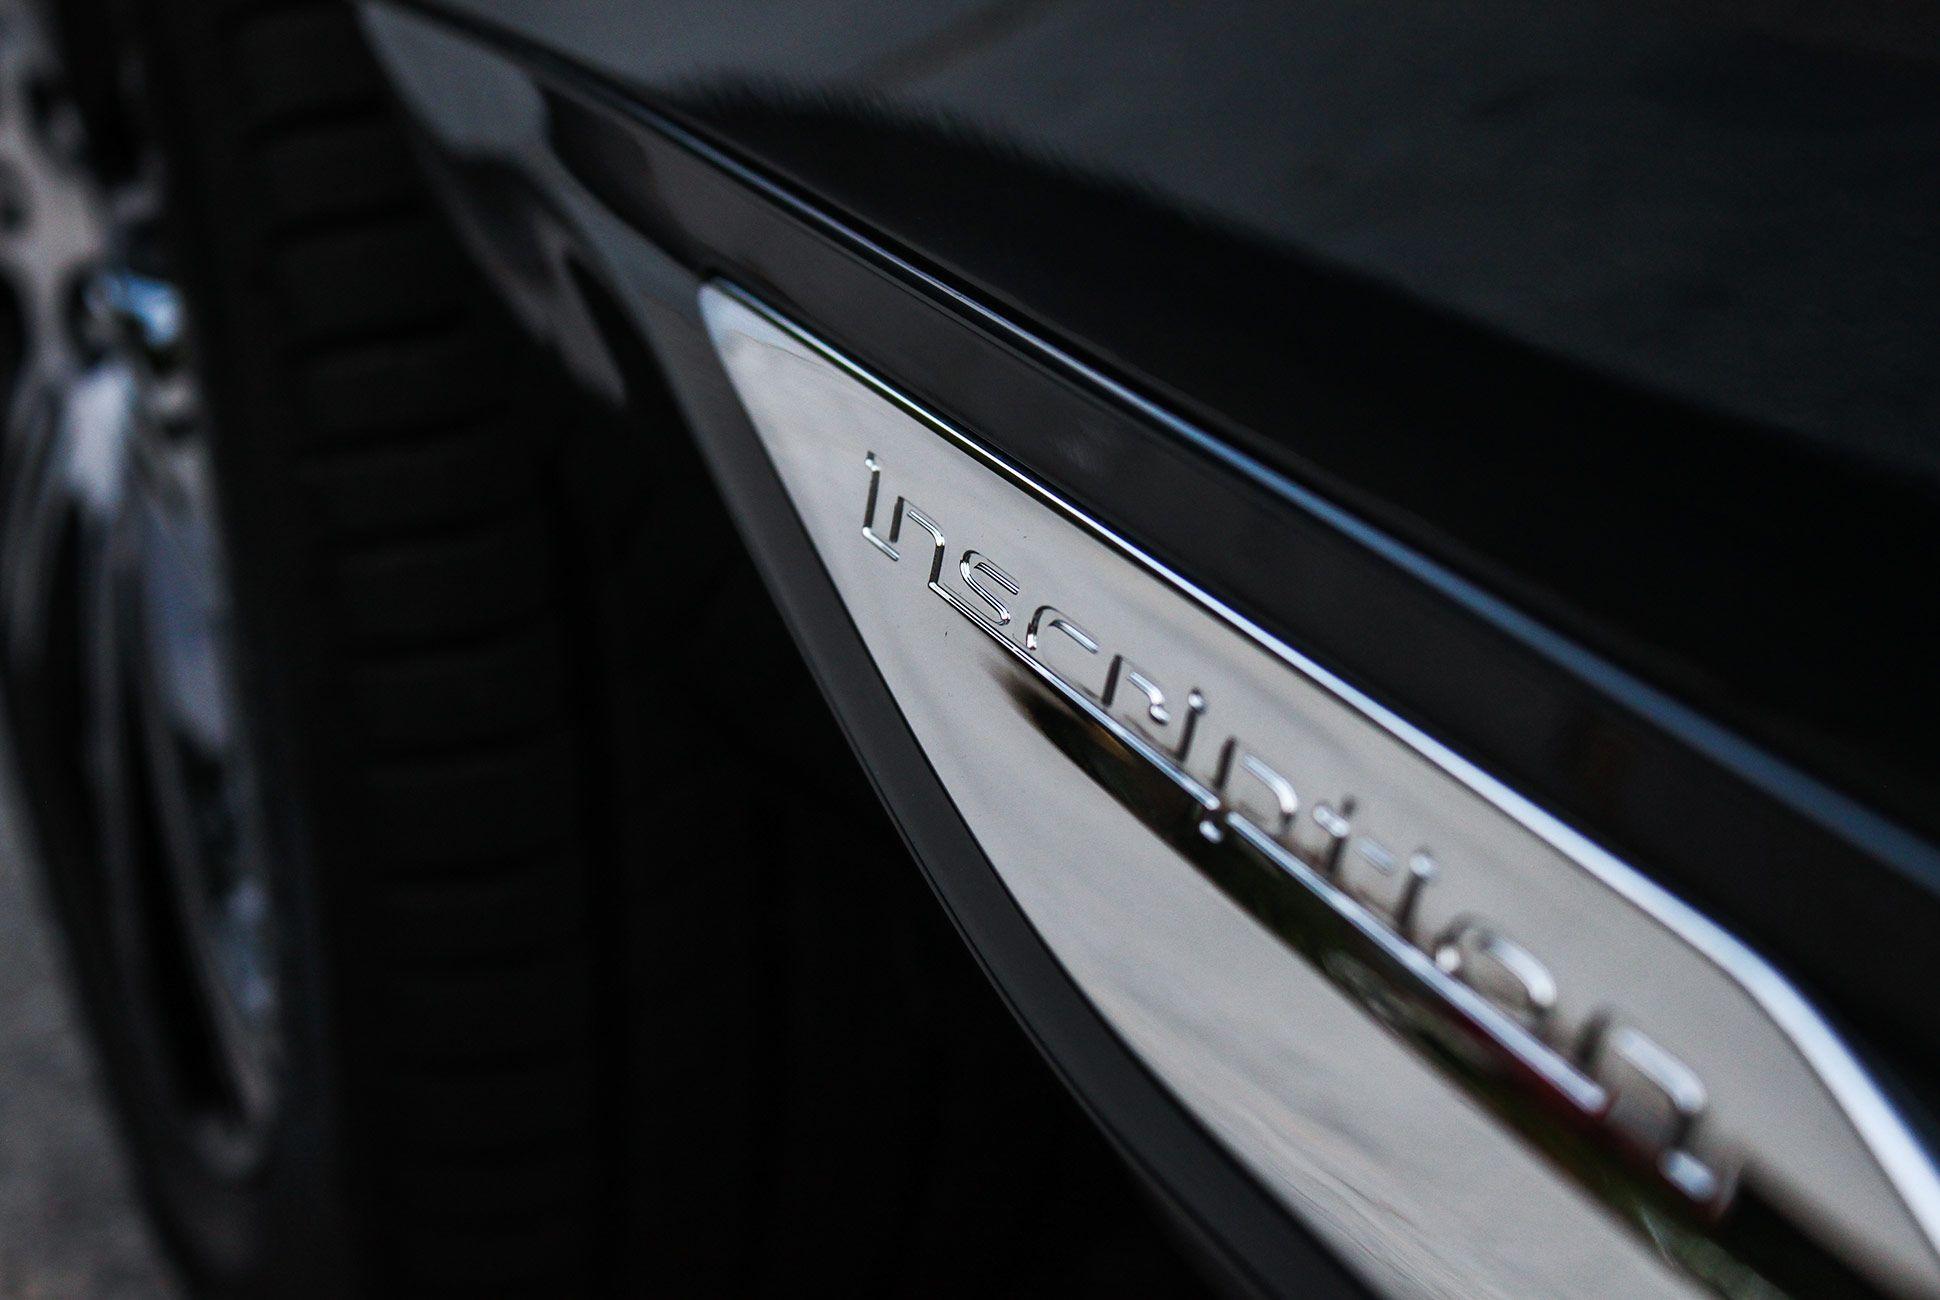 Volvo-XC60-gear-patrol-5